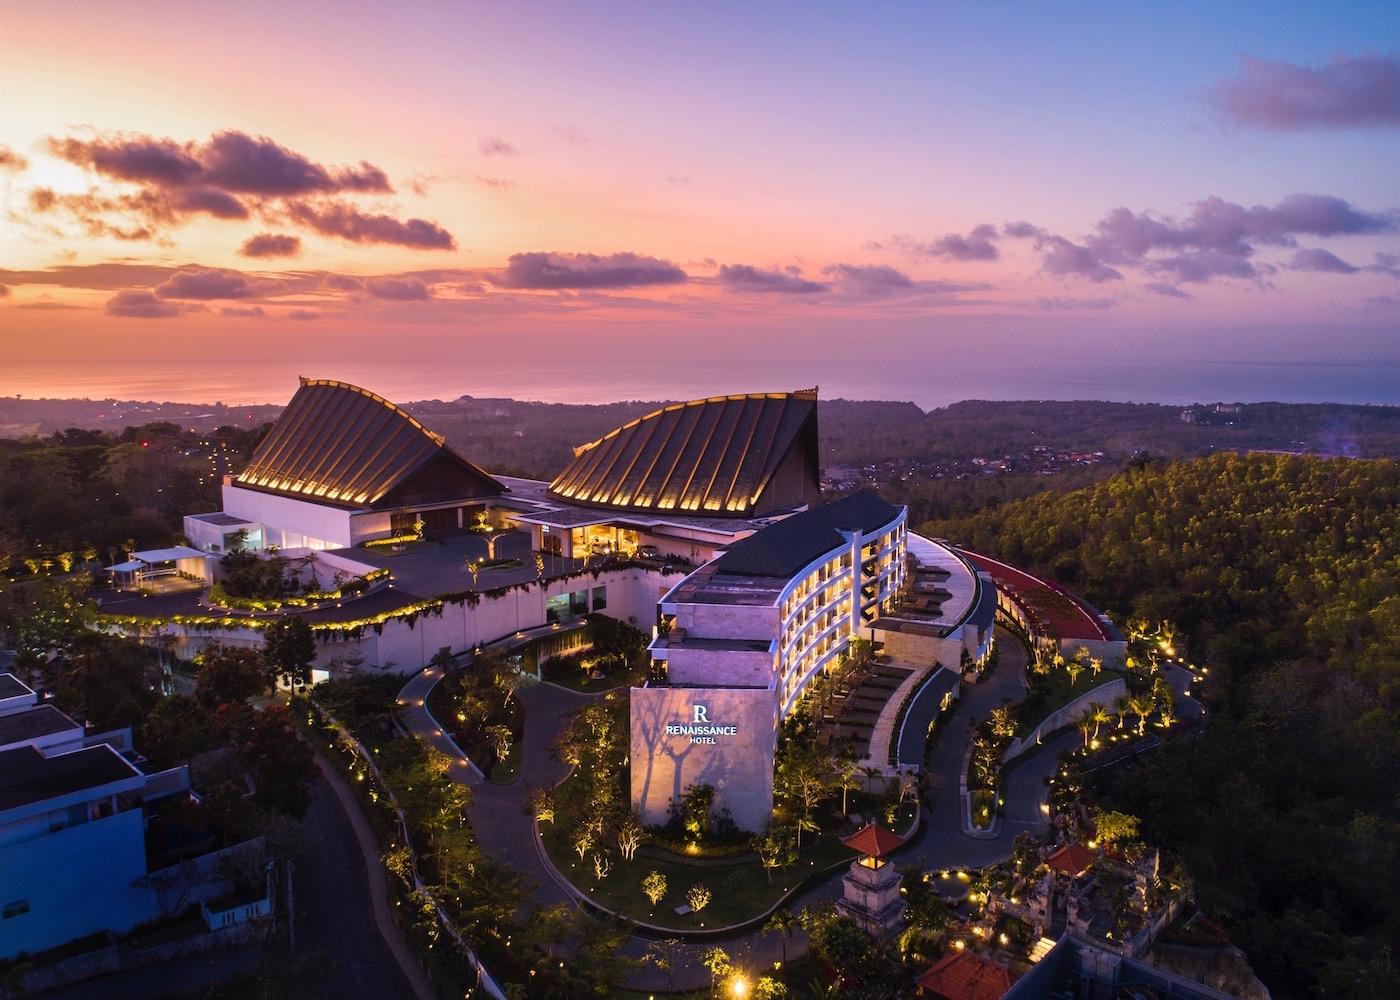 Heading to Uluwatu on your next summer holiday? Stay at Renaissance Bali Uluwatu Resort & Spa